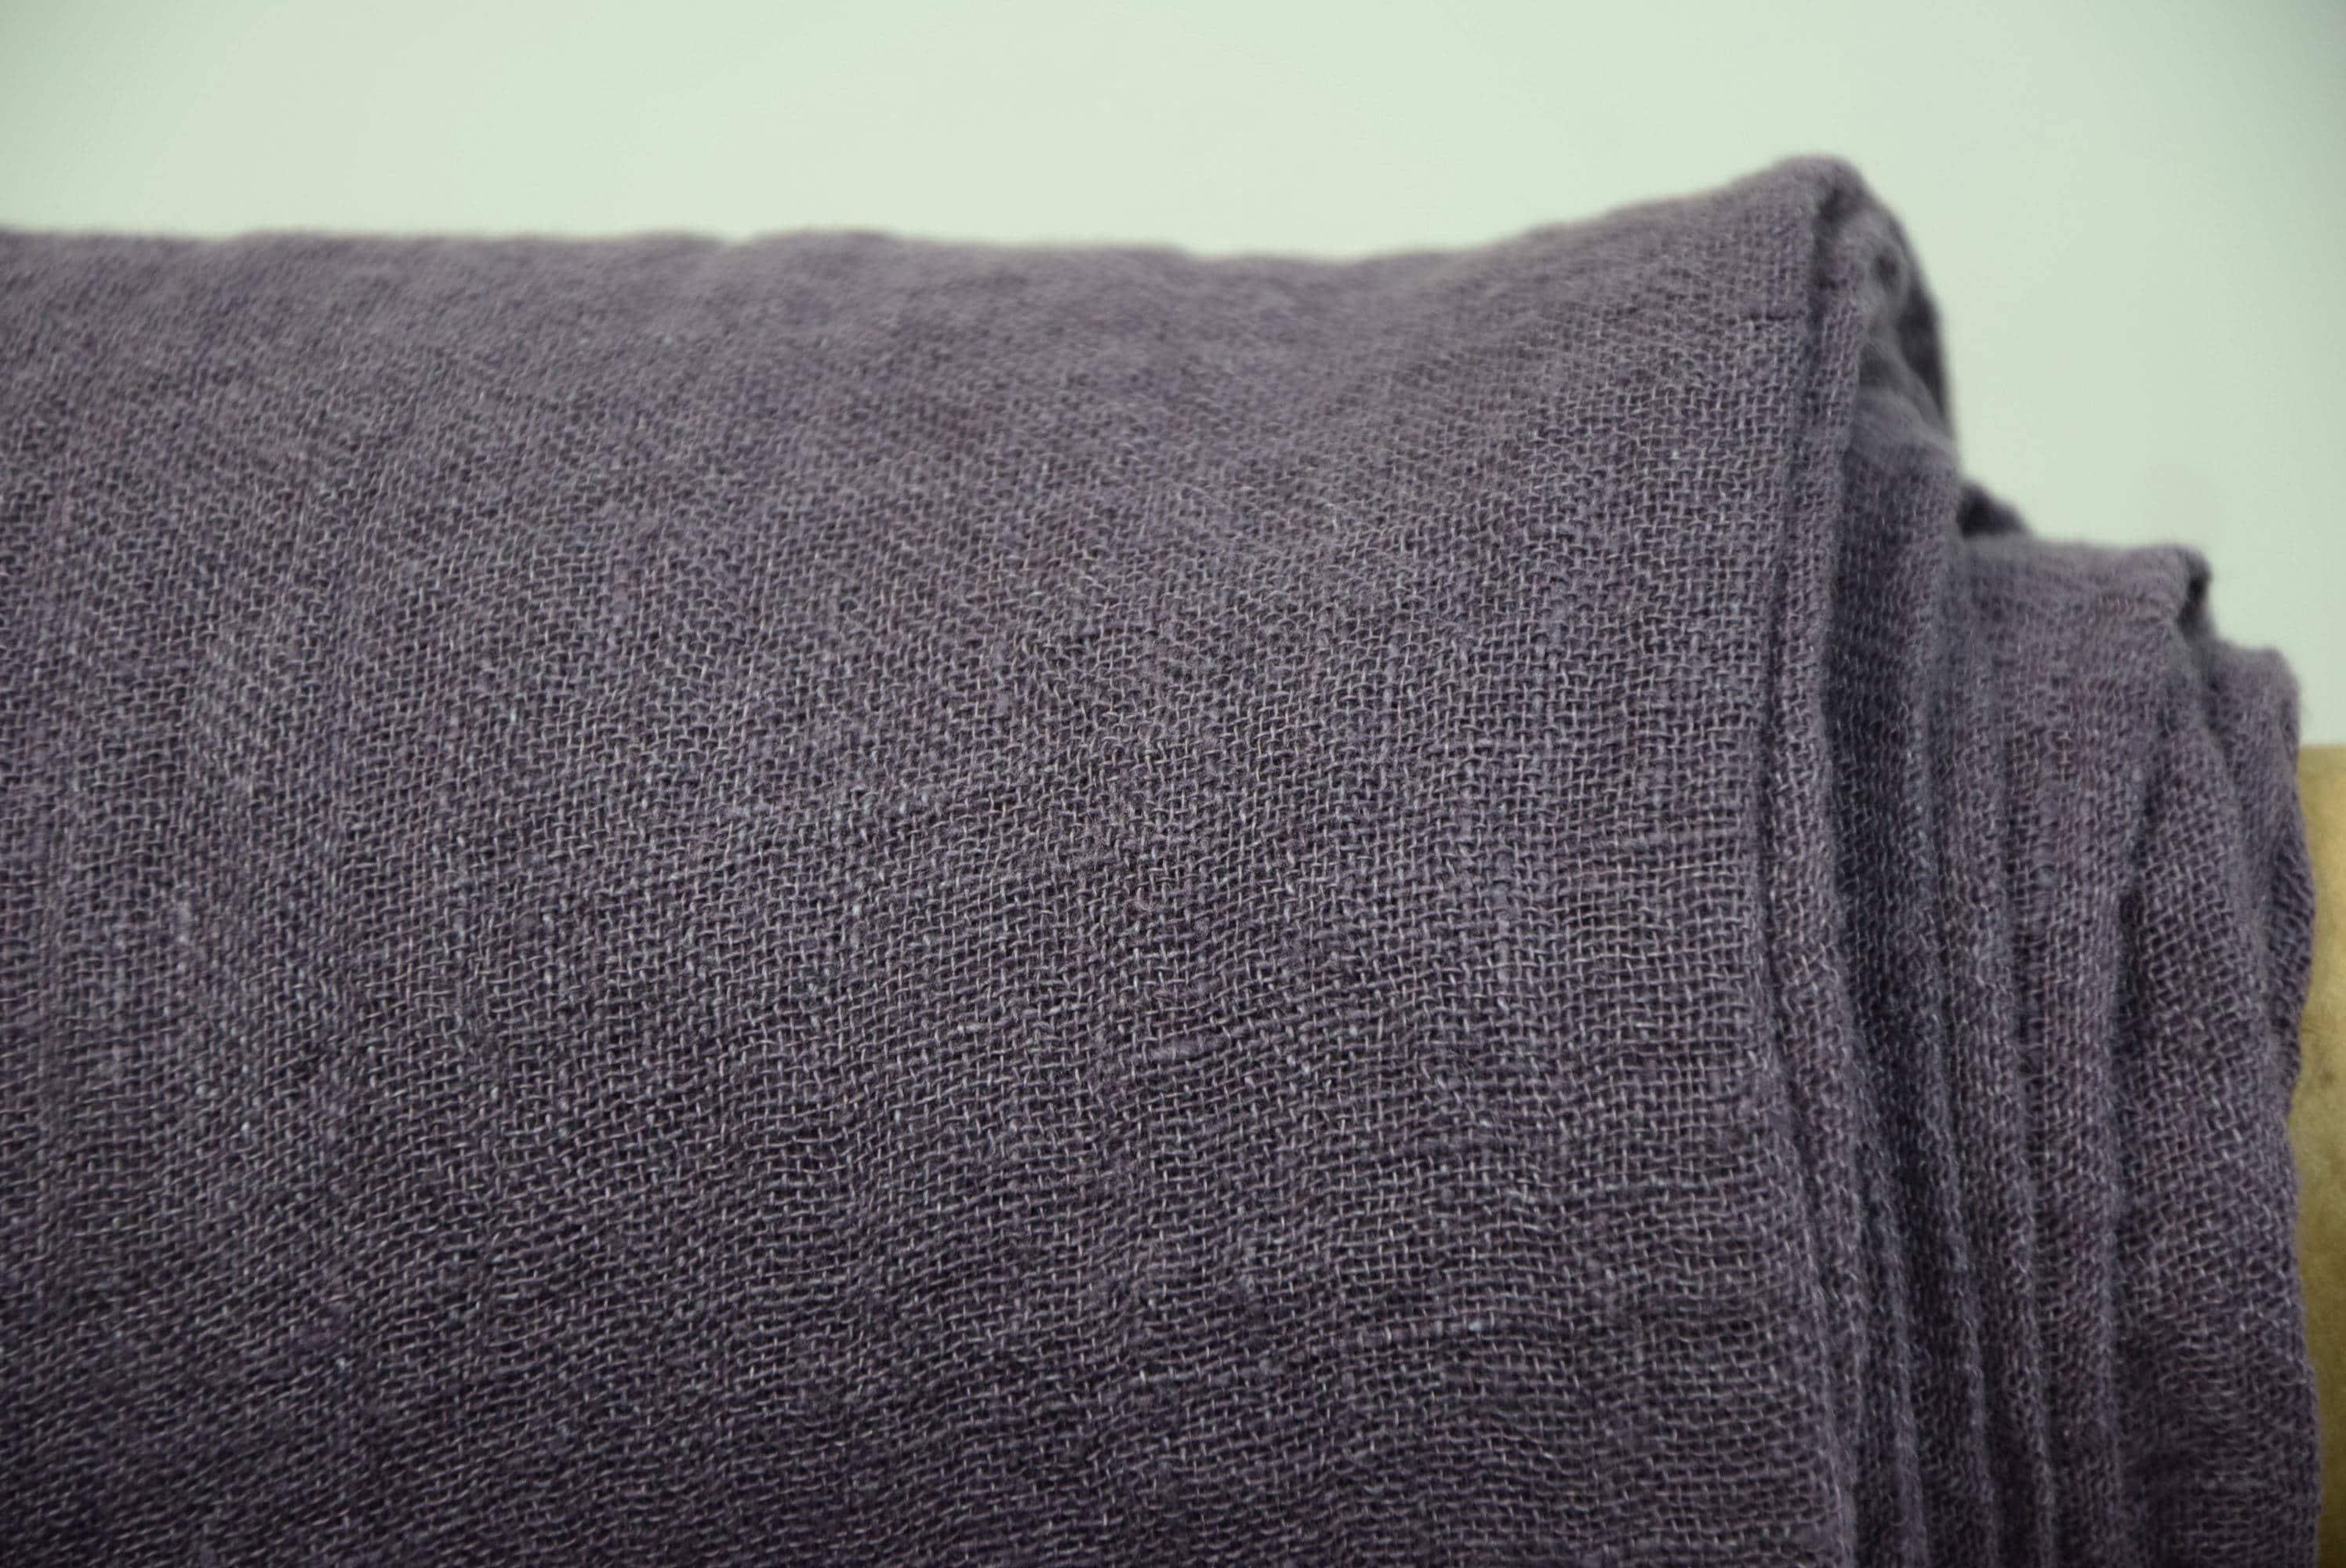 Linen Fabric Pura Catawba Grape Thin Semi Sheer Gauze